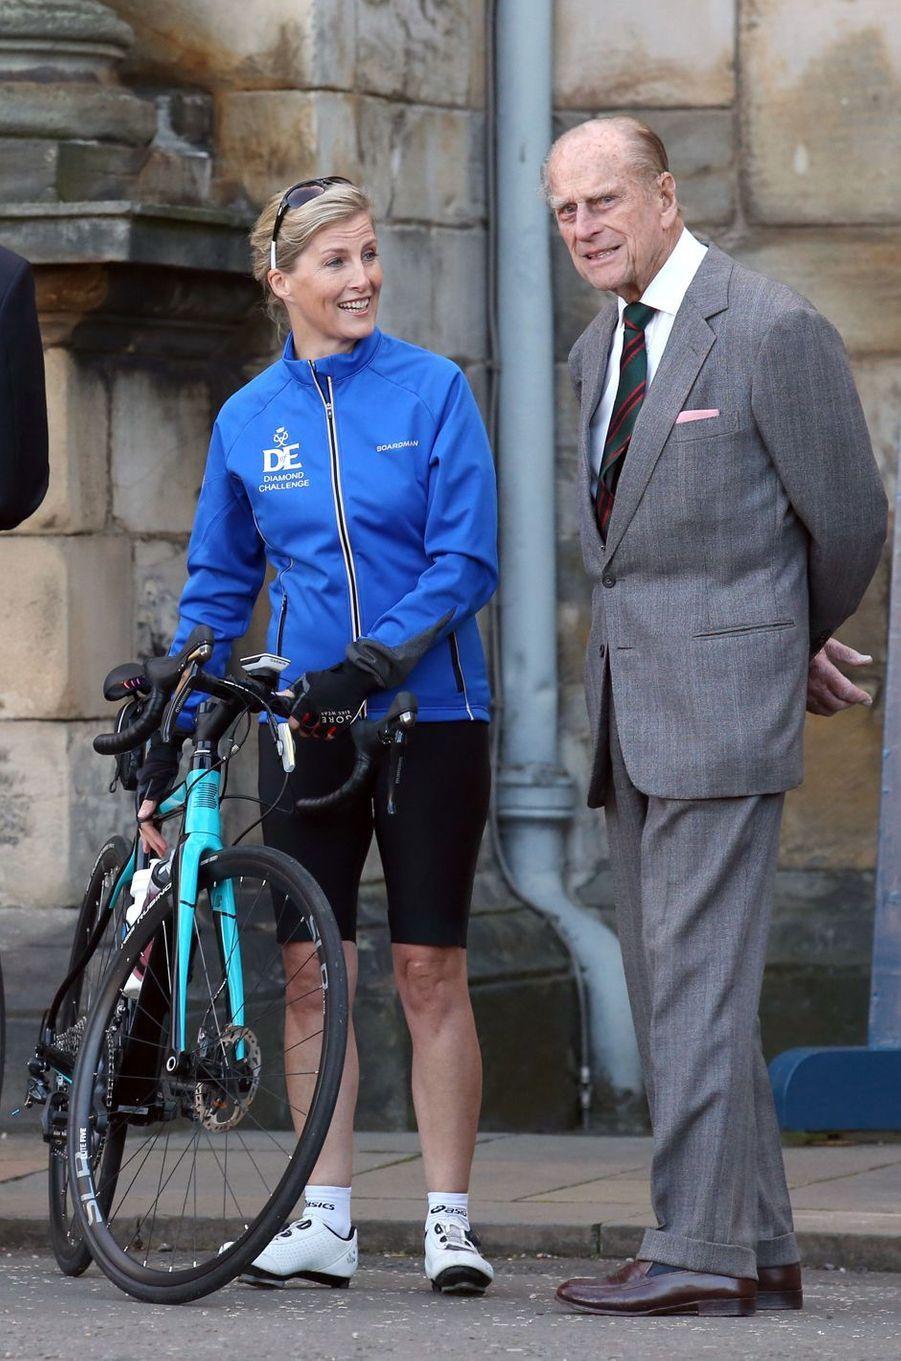 La comtesse Sophie de Wessex est partie ce lundi 19 septembre à vélo du palais de Holyroodhouse à Edimbourg pour rallier Buckingham Palace à Londres. Soit plus de 700 kilomètres à parcourir en une semaine, pour la bonne cause.